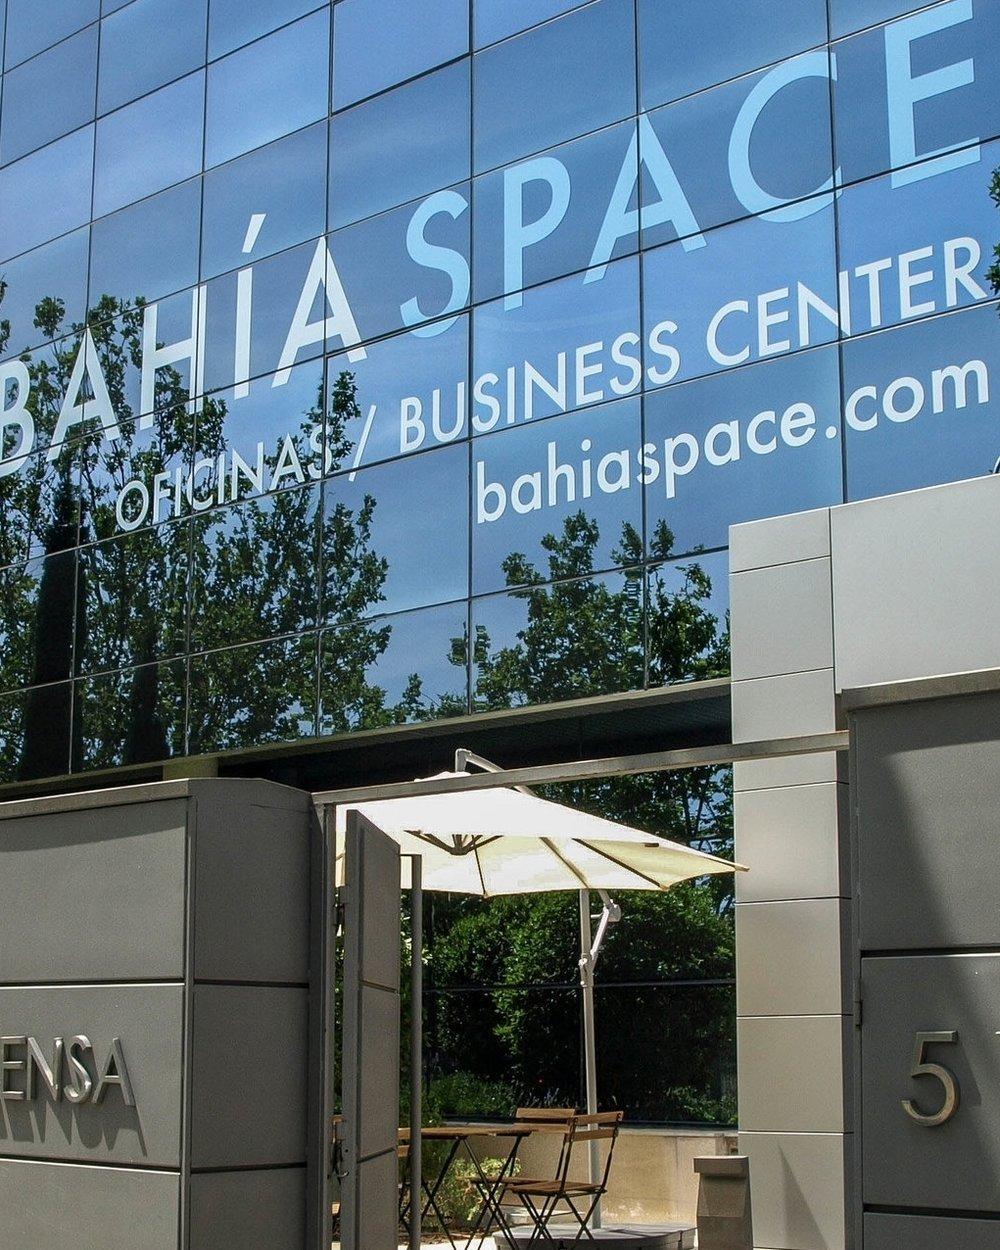 MEMBERSHIPBAHÍA SPACE - —Tu oficina cuando tú quieras. Tarifas especiales en nuestros espacios durante dos días al mes.DESDE 40€/MES